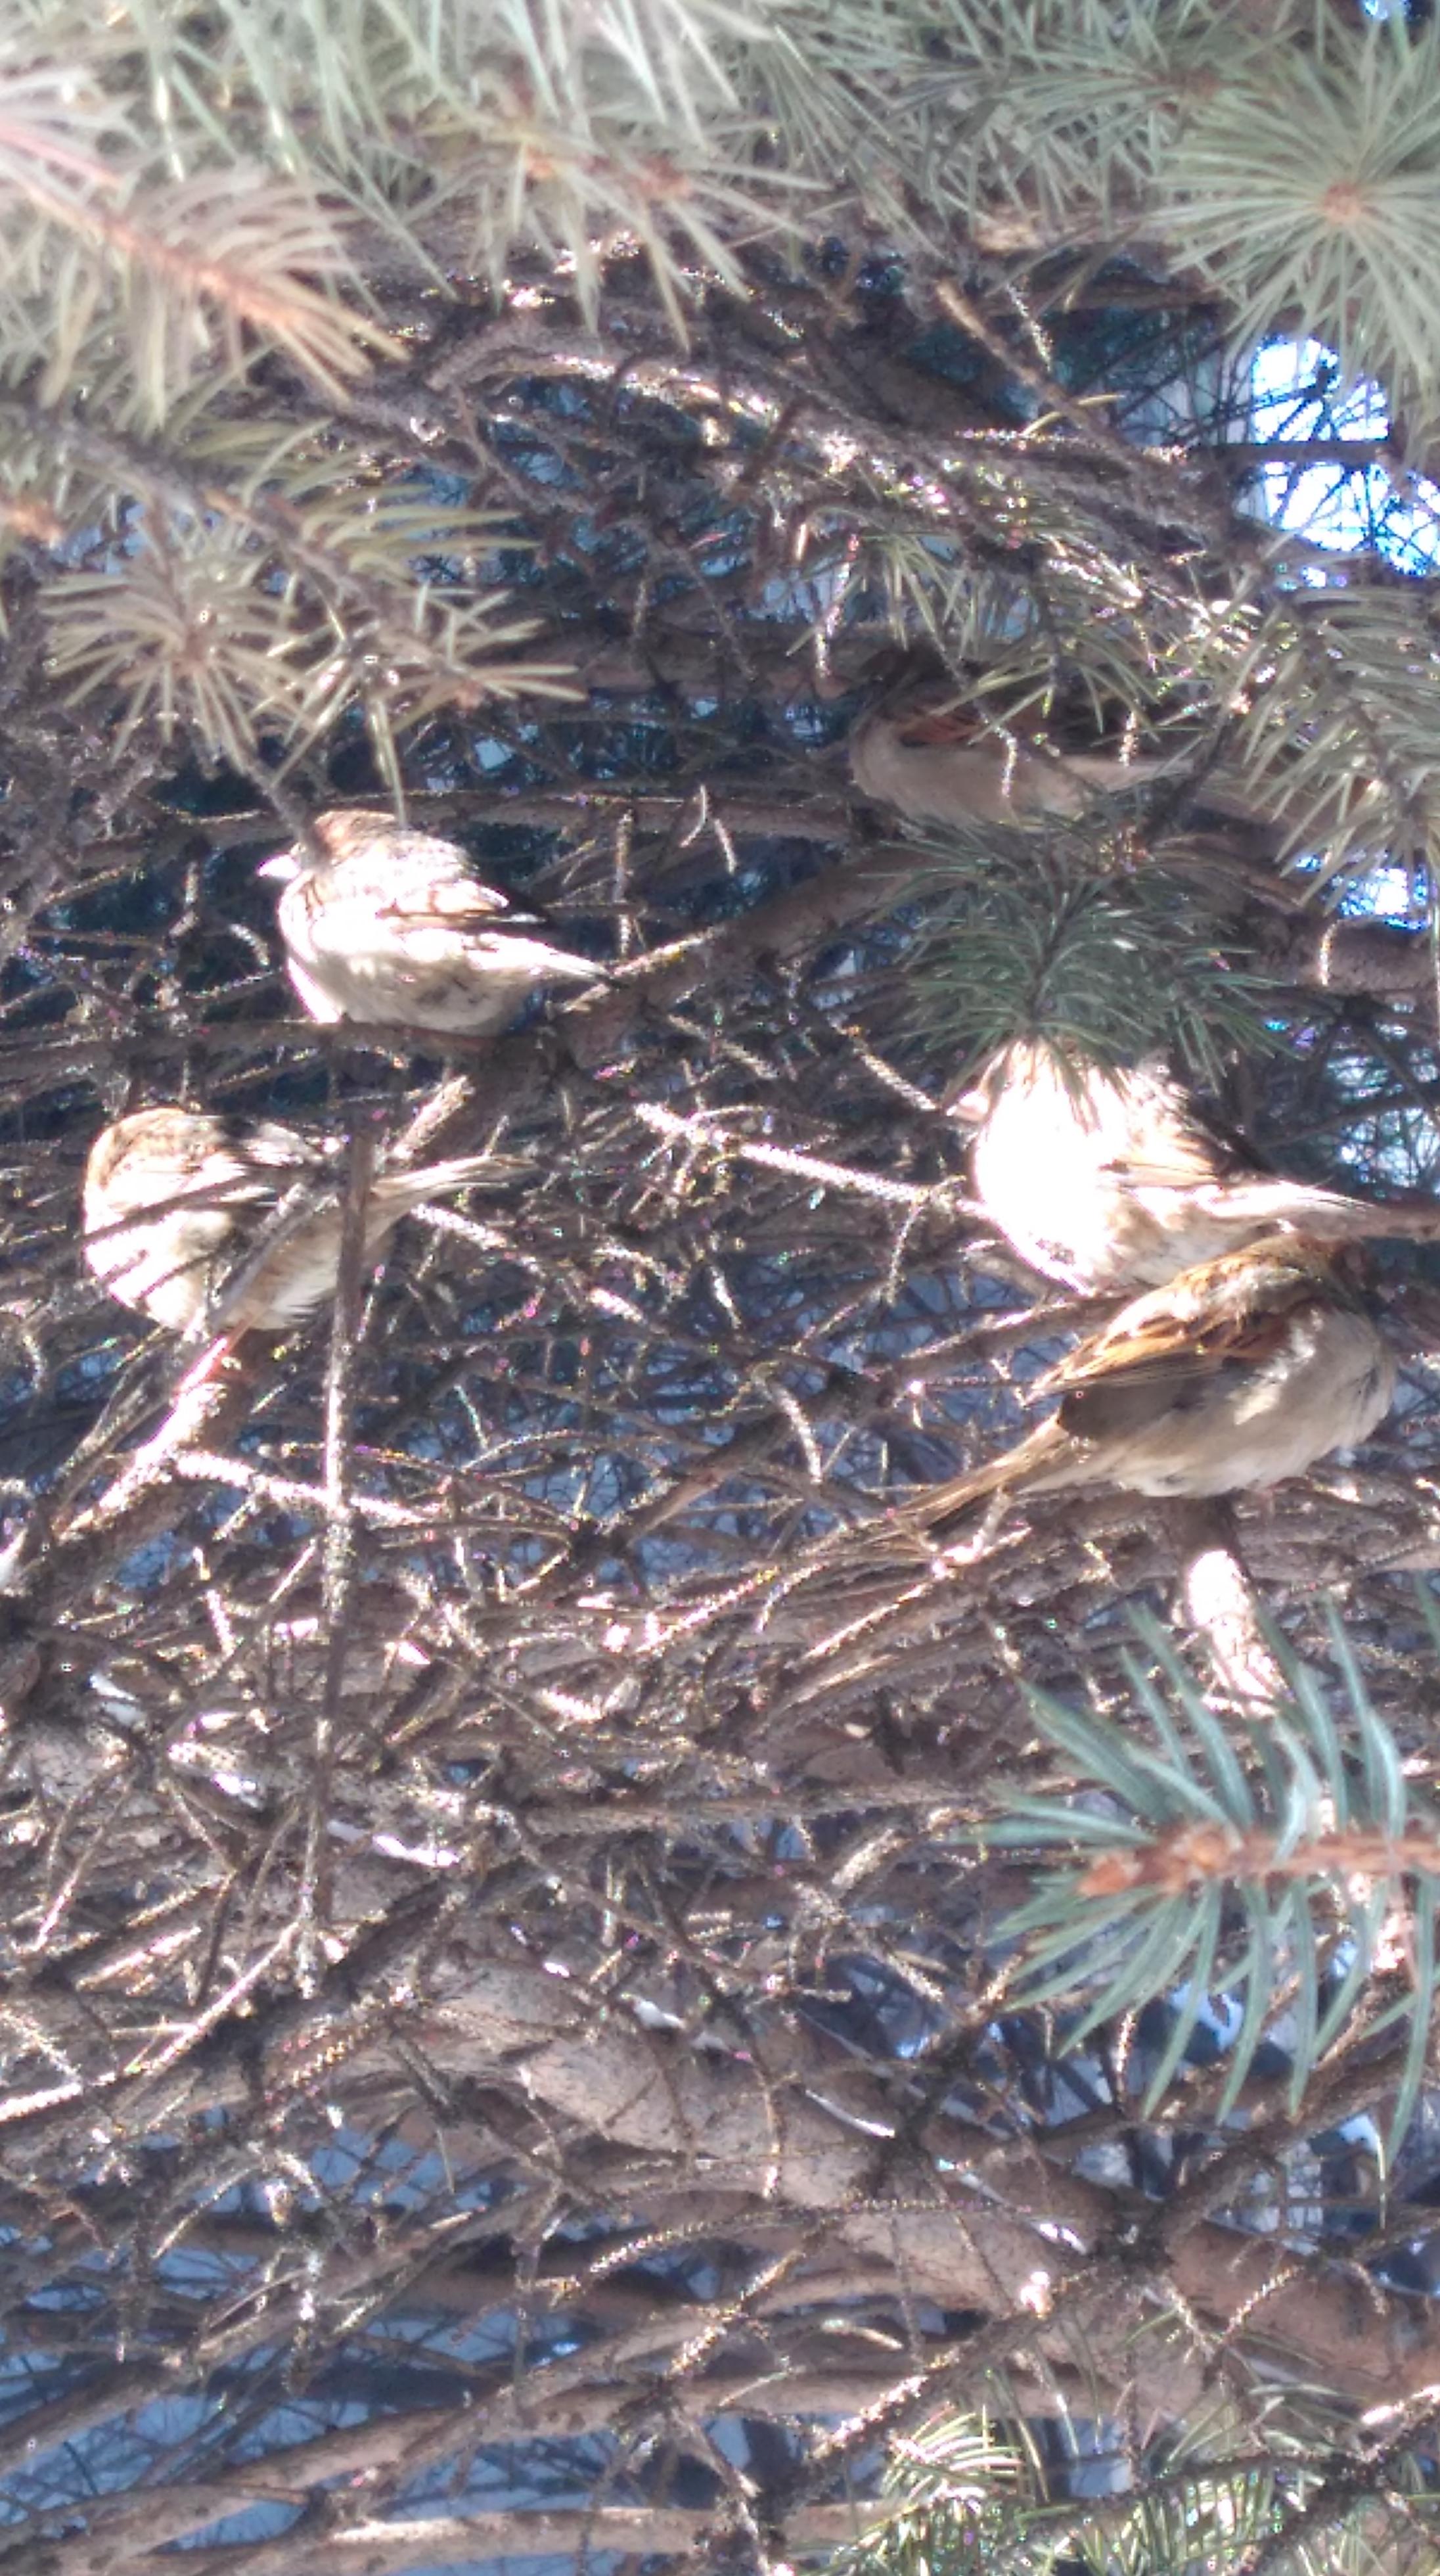 写真はこちらの雀ちゃんたち。寒いからなのか、羽毛を膨らませて暖をとっているように見える。なので、全体的にまるーい感じに見える。